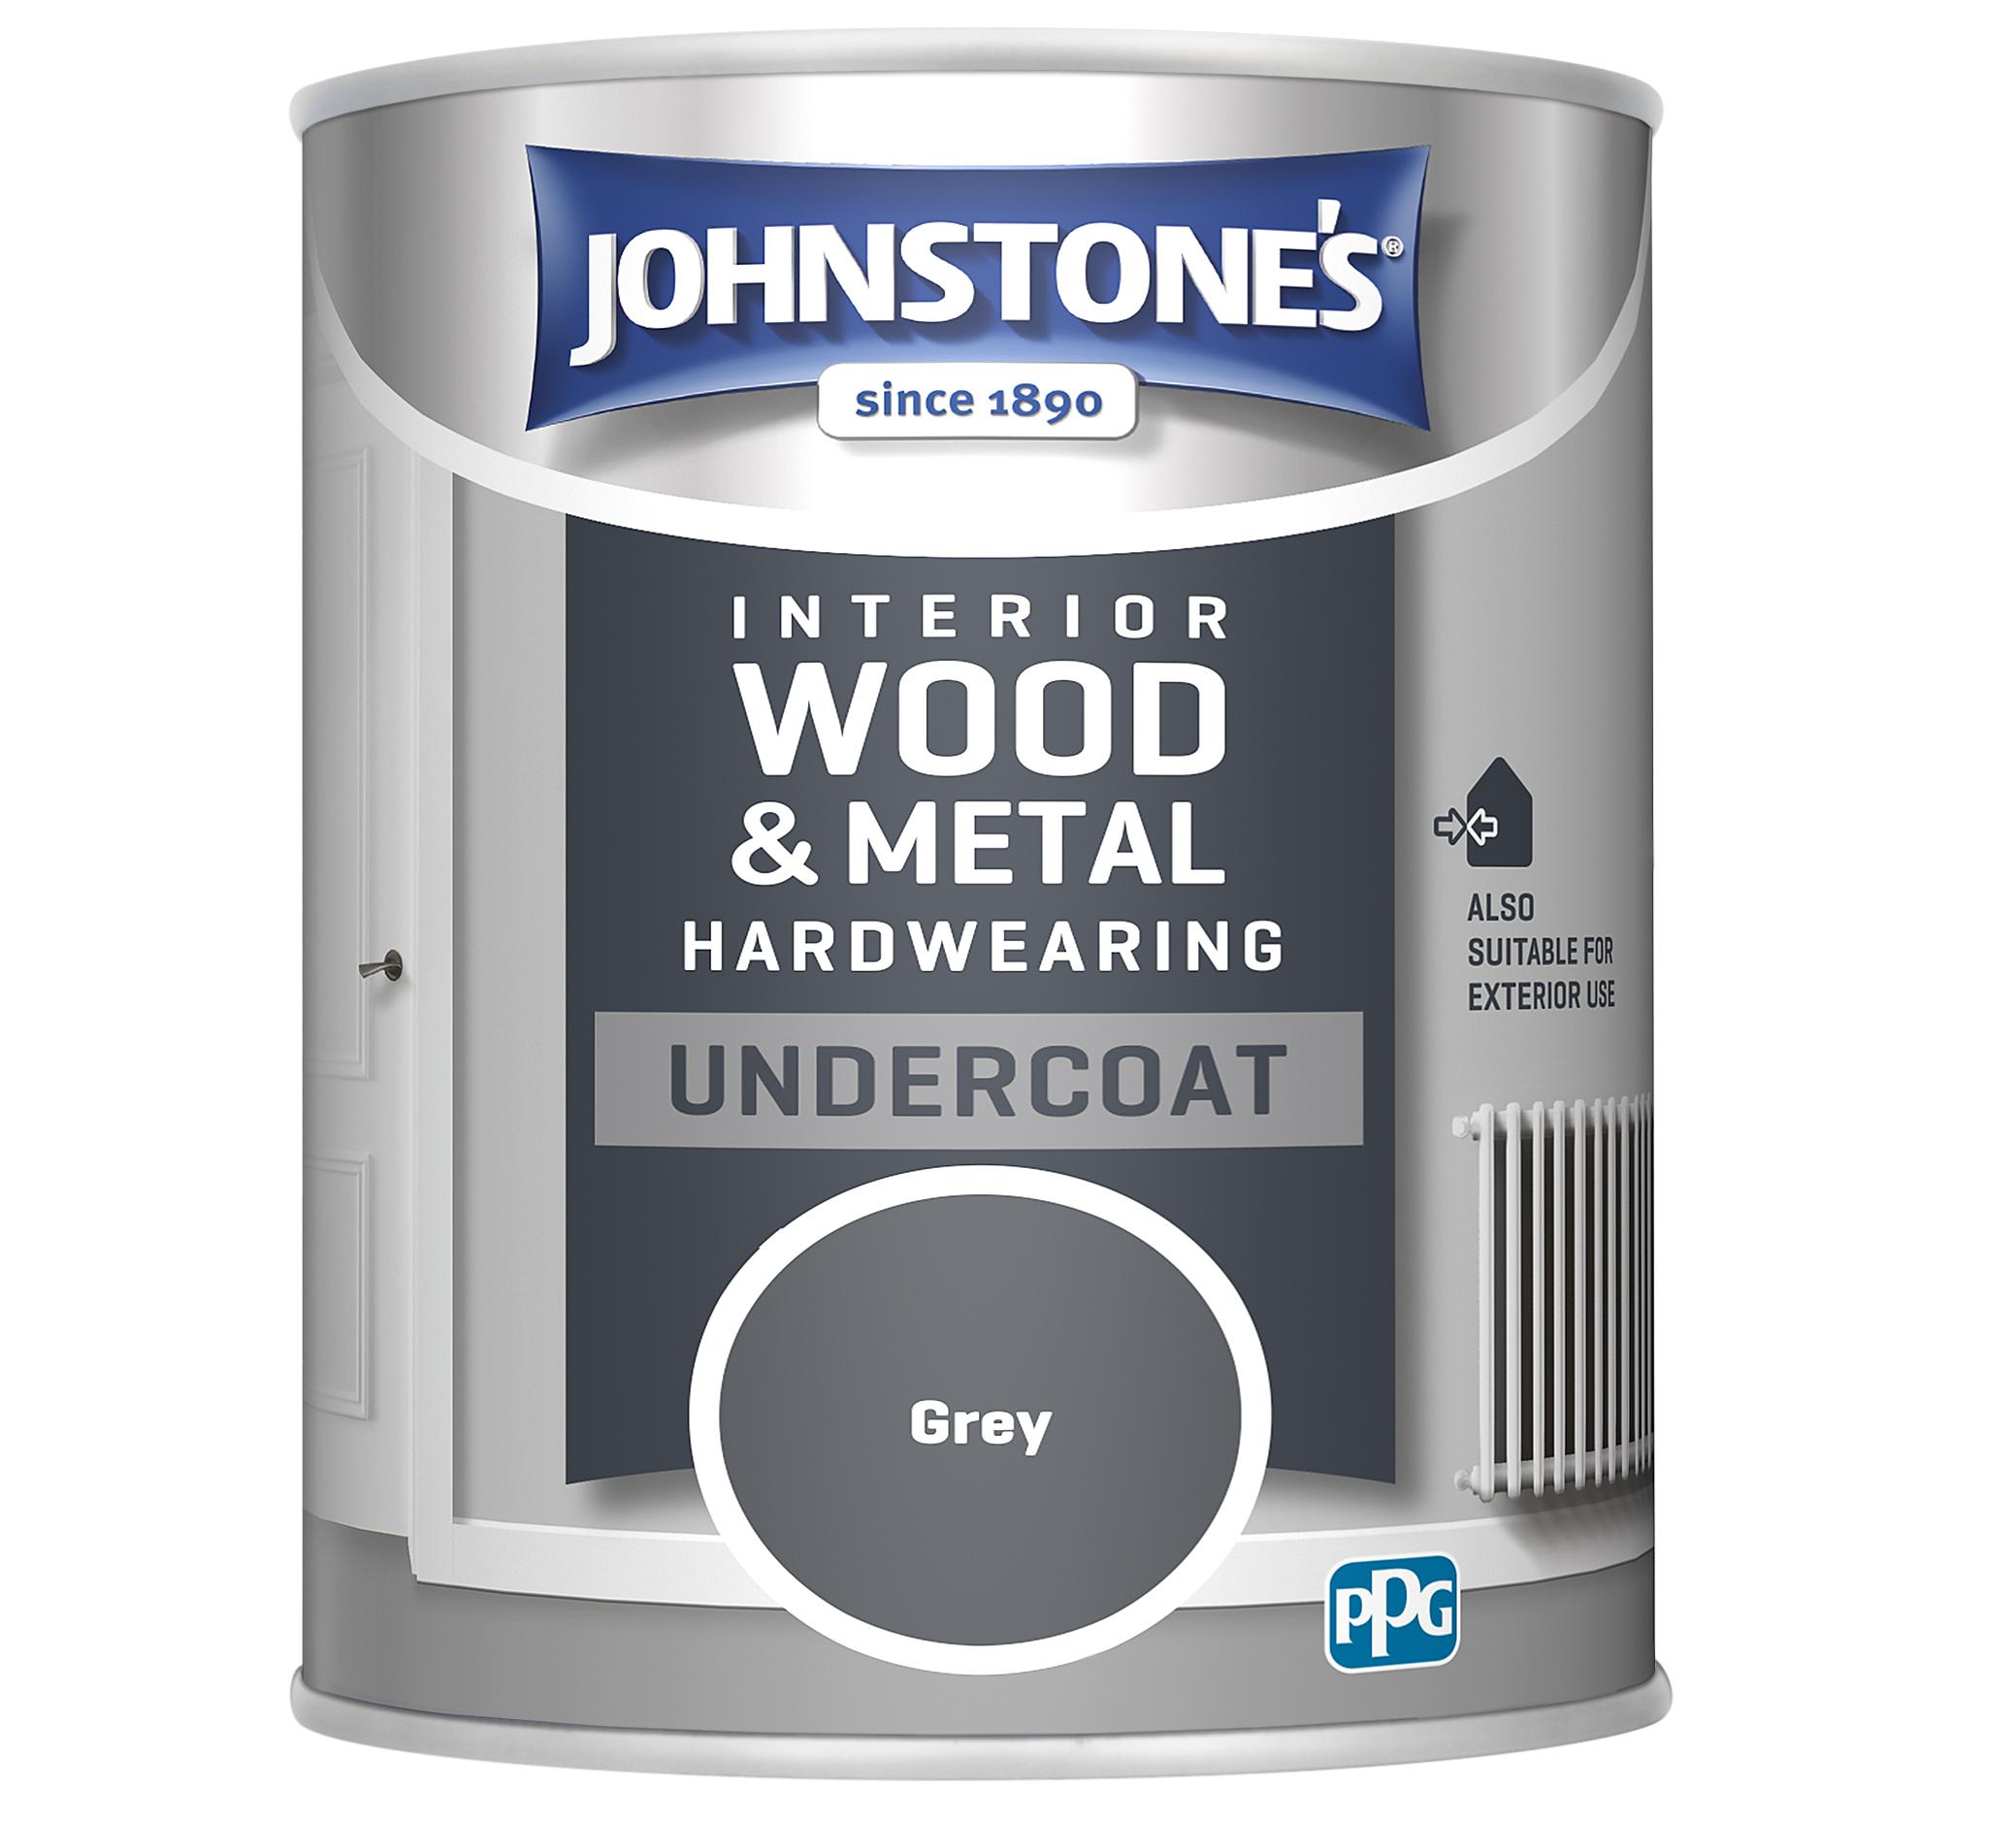 Johnstones 750ml Hardwearing Undercoat - Grey